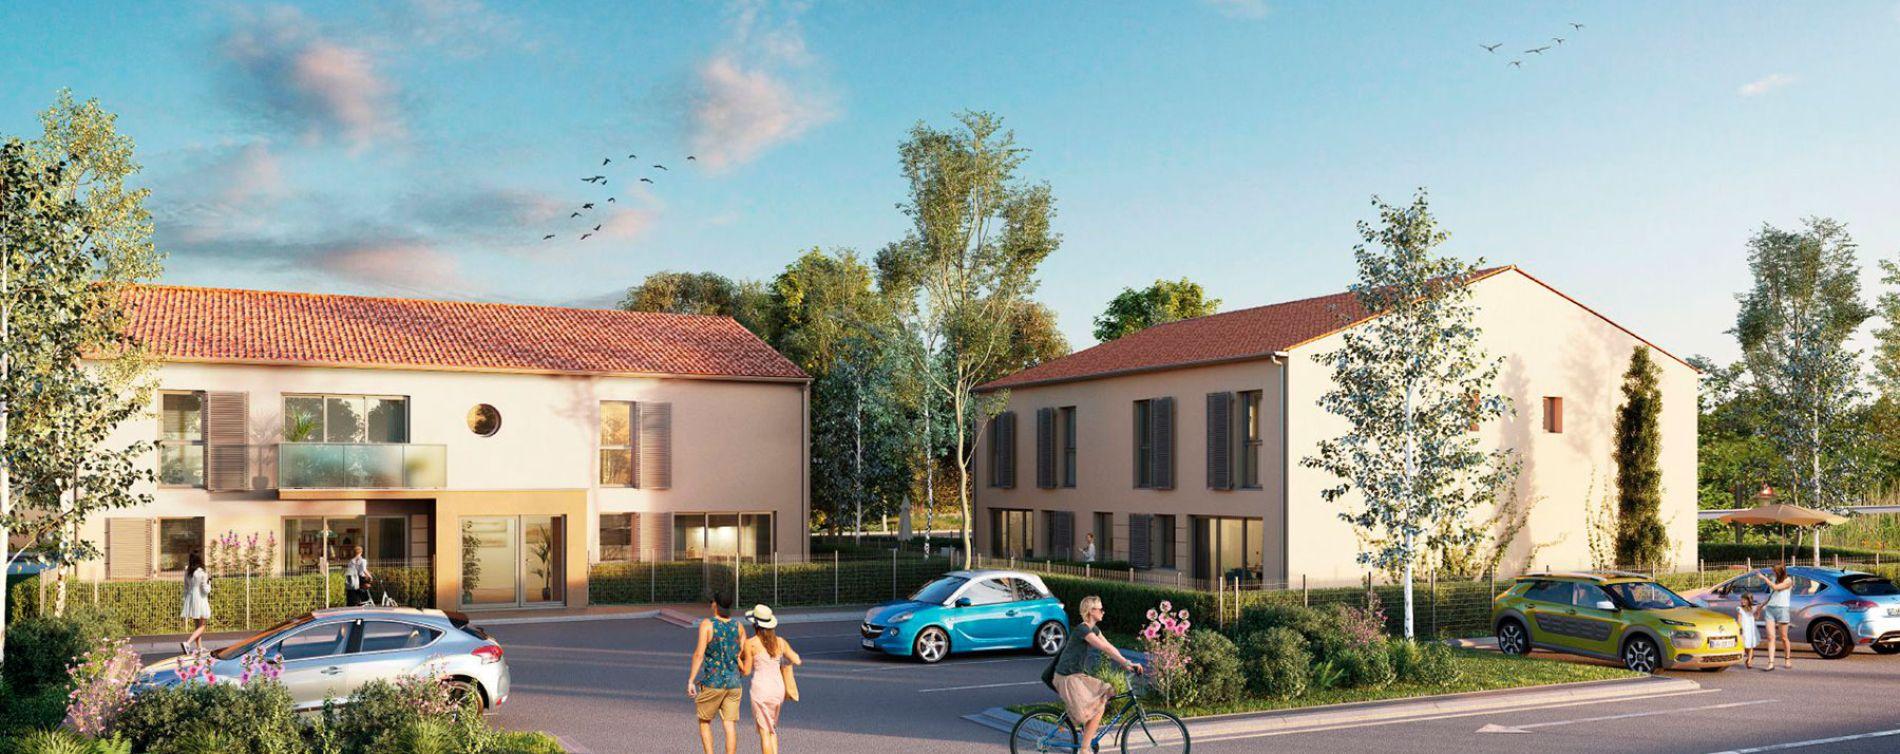 Dompierre-sur-Mer : programme immobilier neuve « Les Jardins de l'Océan »